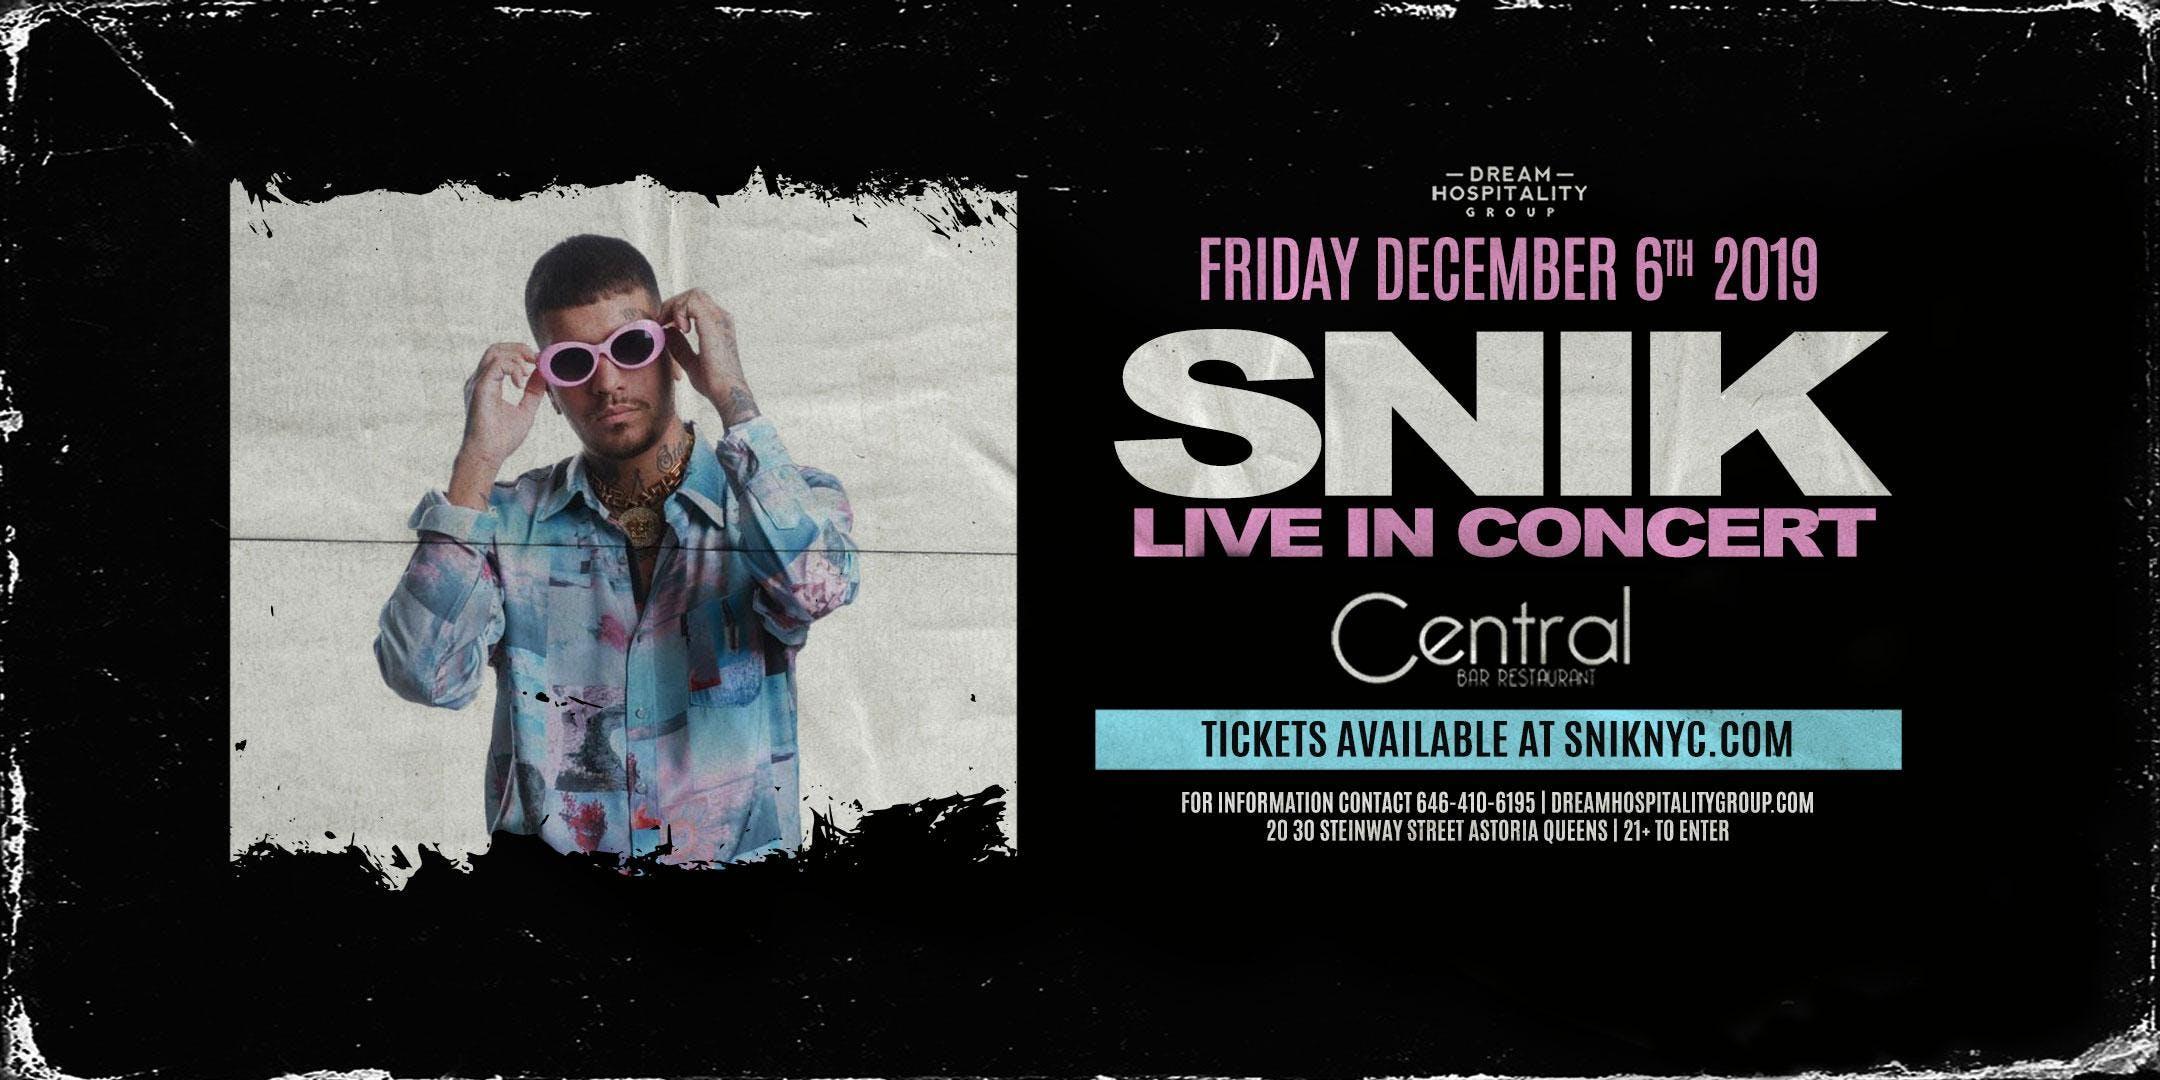 SNIK LIVE IN CONCERT DECEMBER 6